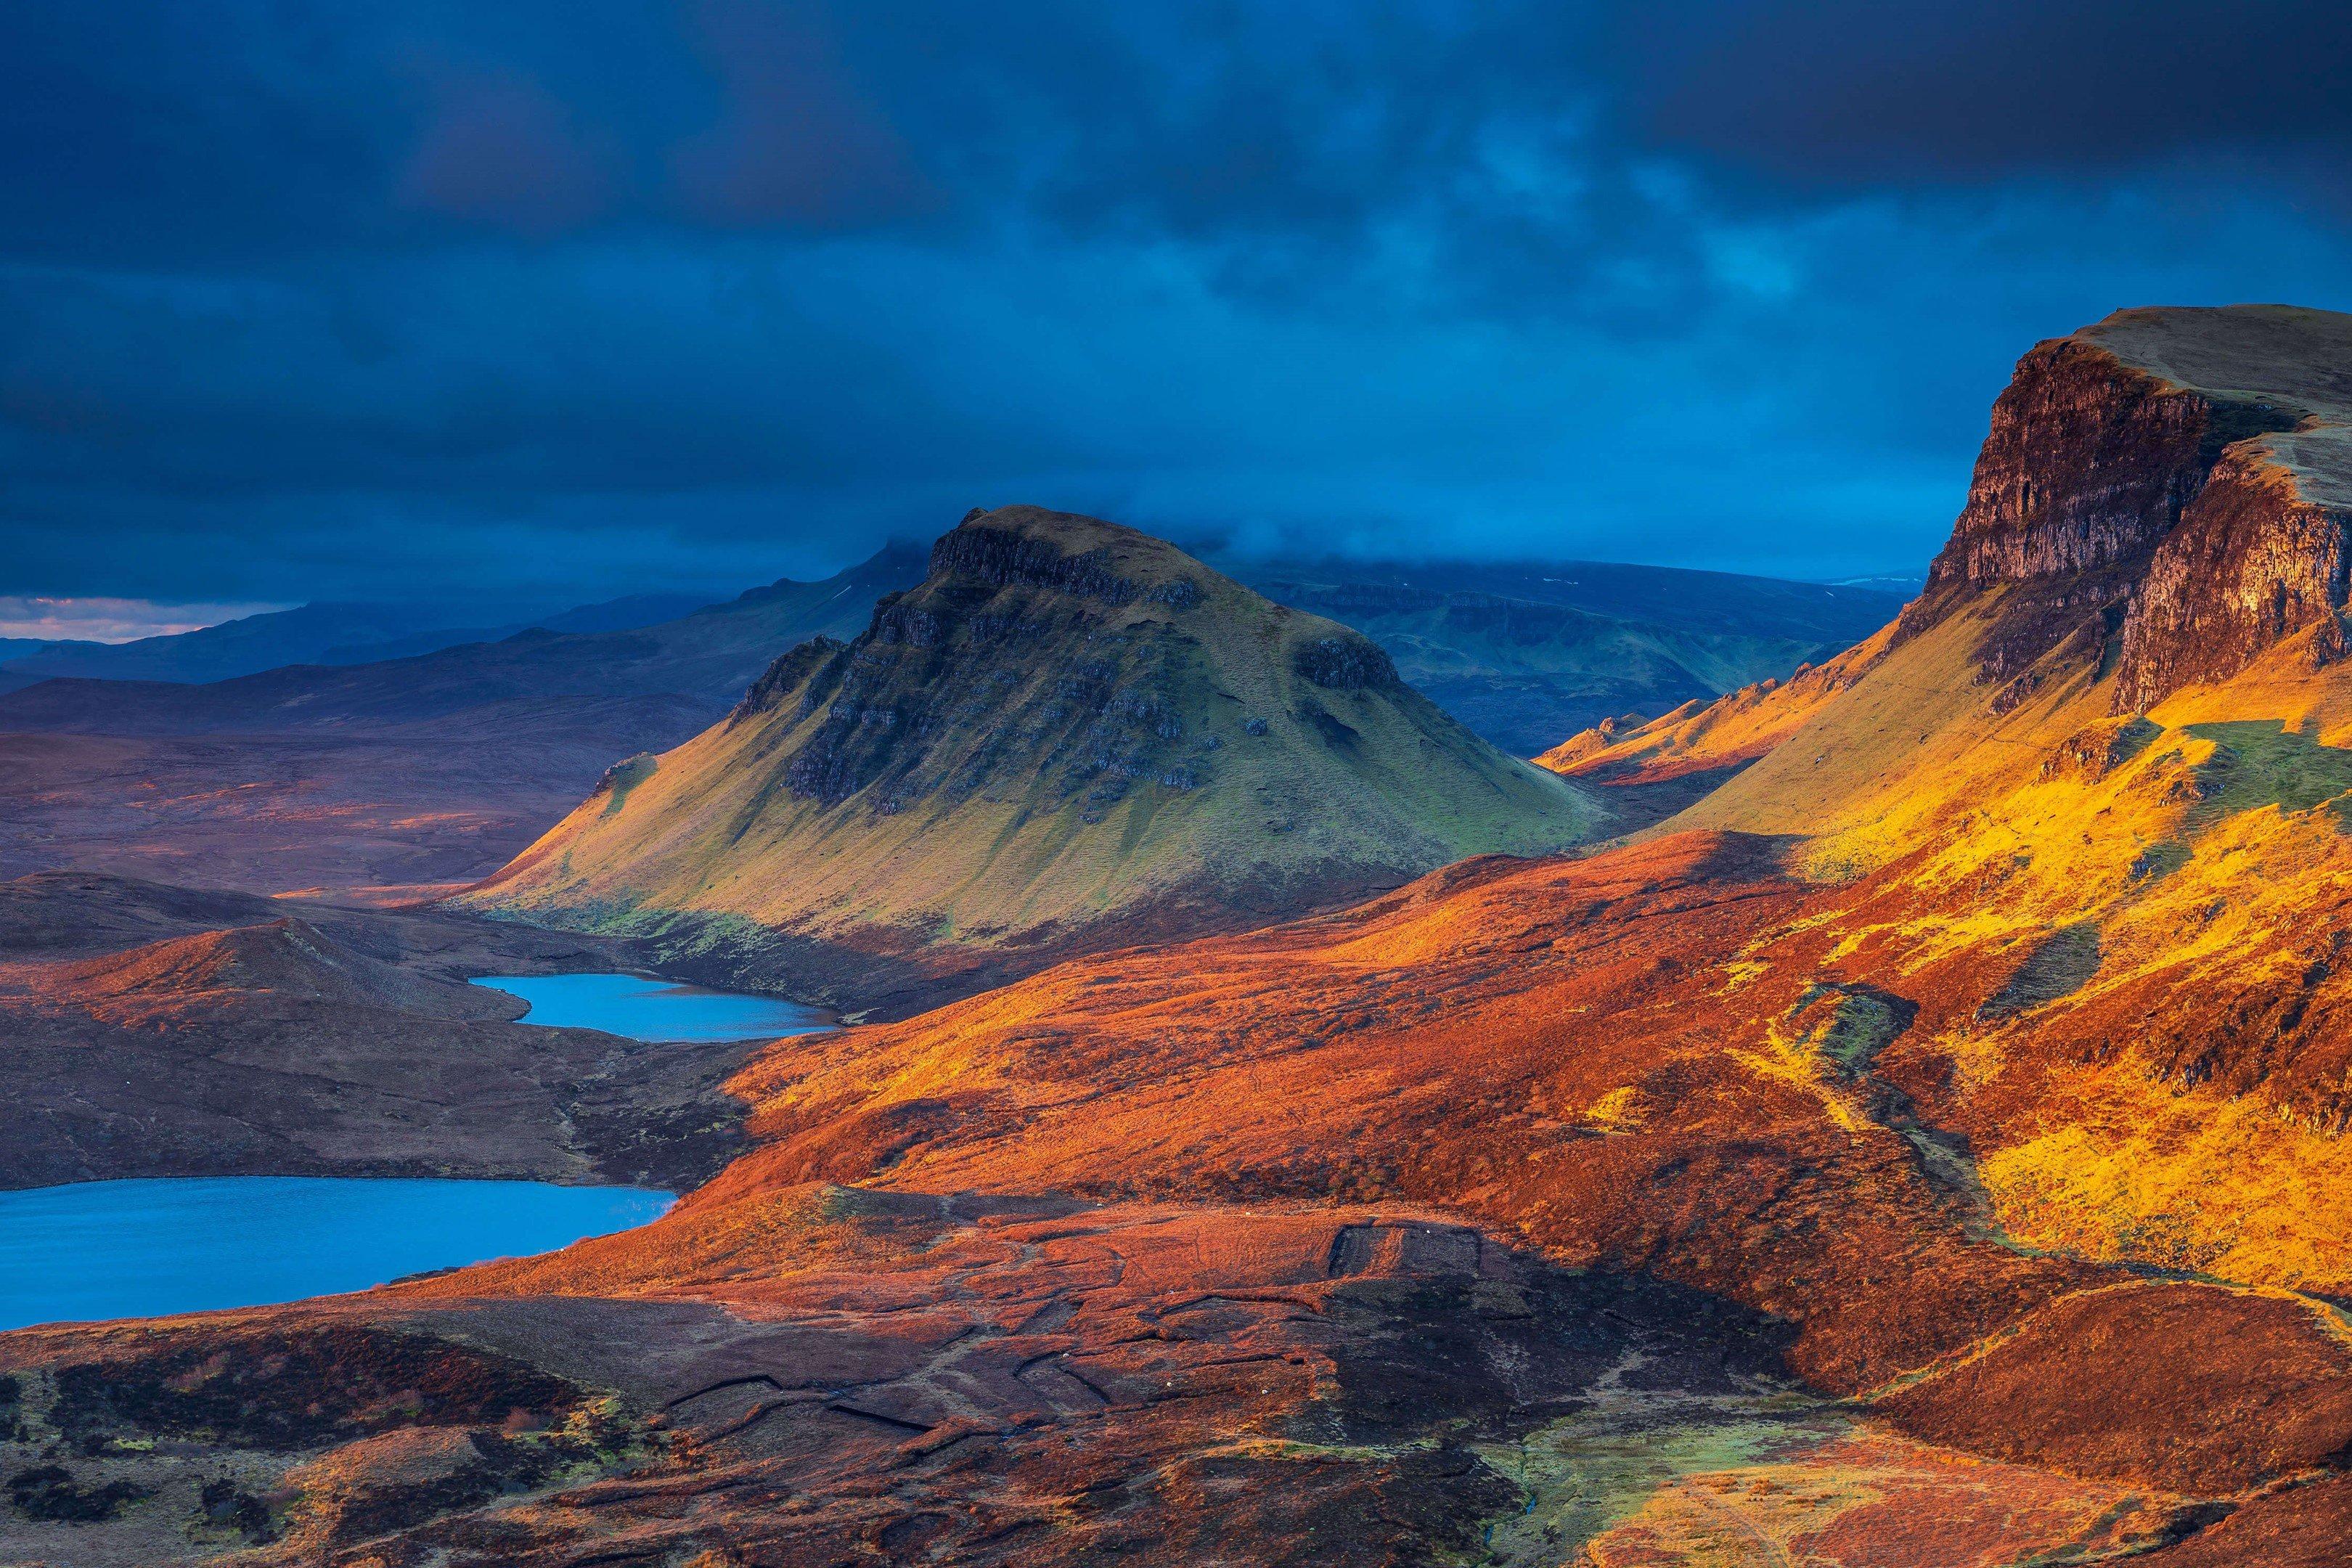 Fondos de pantalla Paisaje de montañas en Escocia